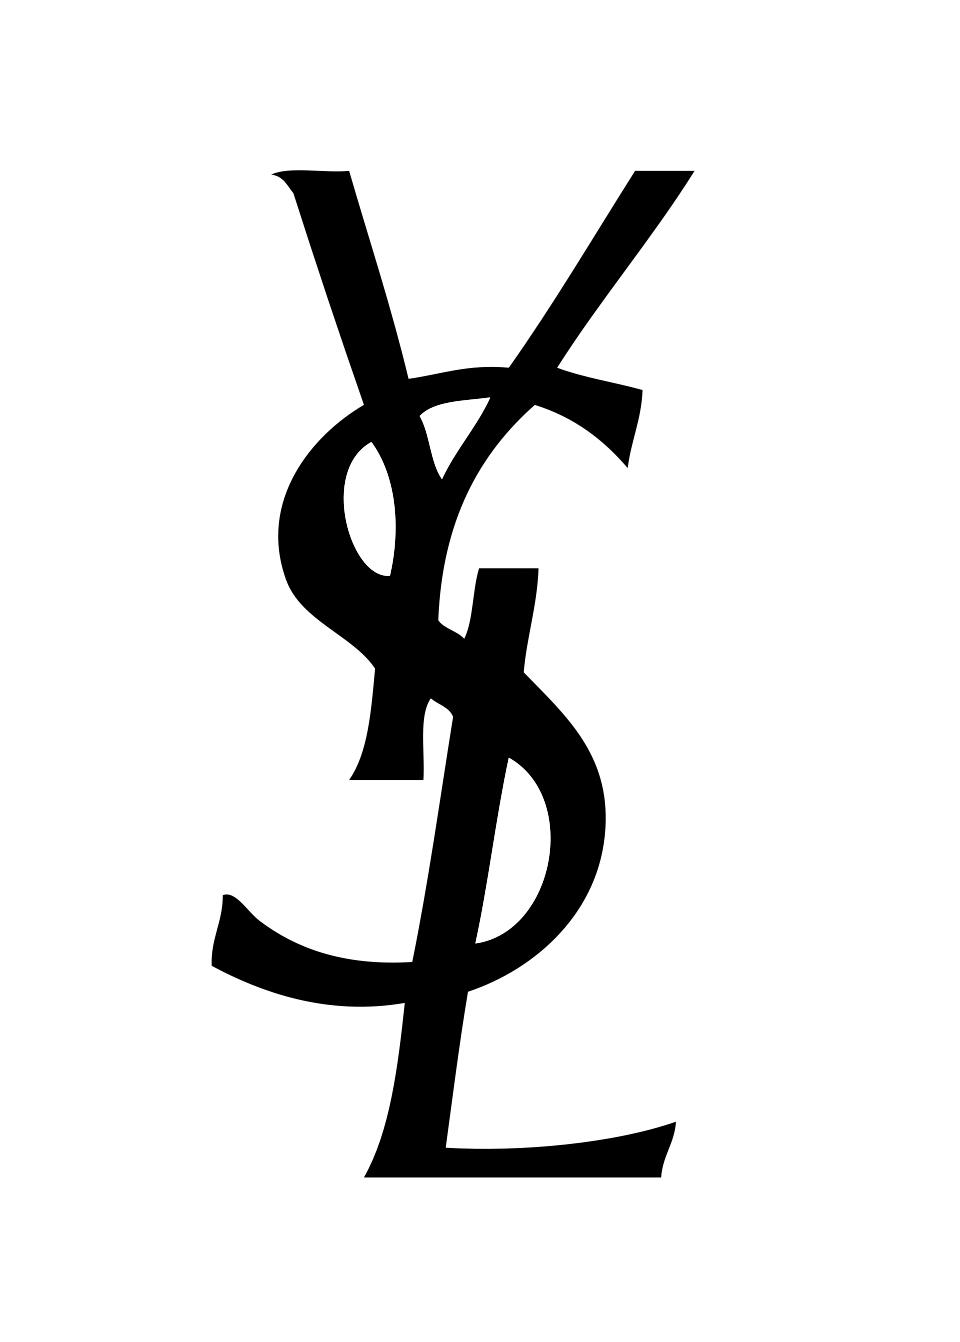 YSL Logo / Fashion and Clothing / Logonoid.com